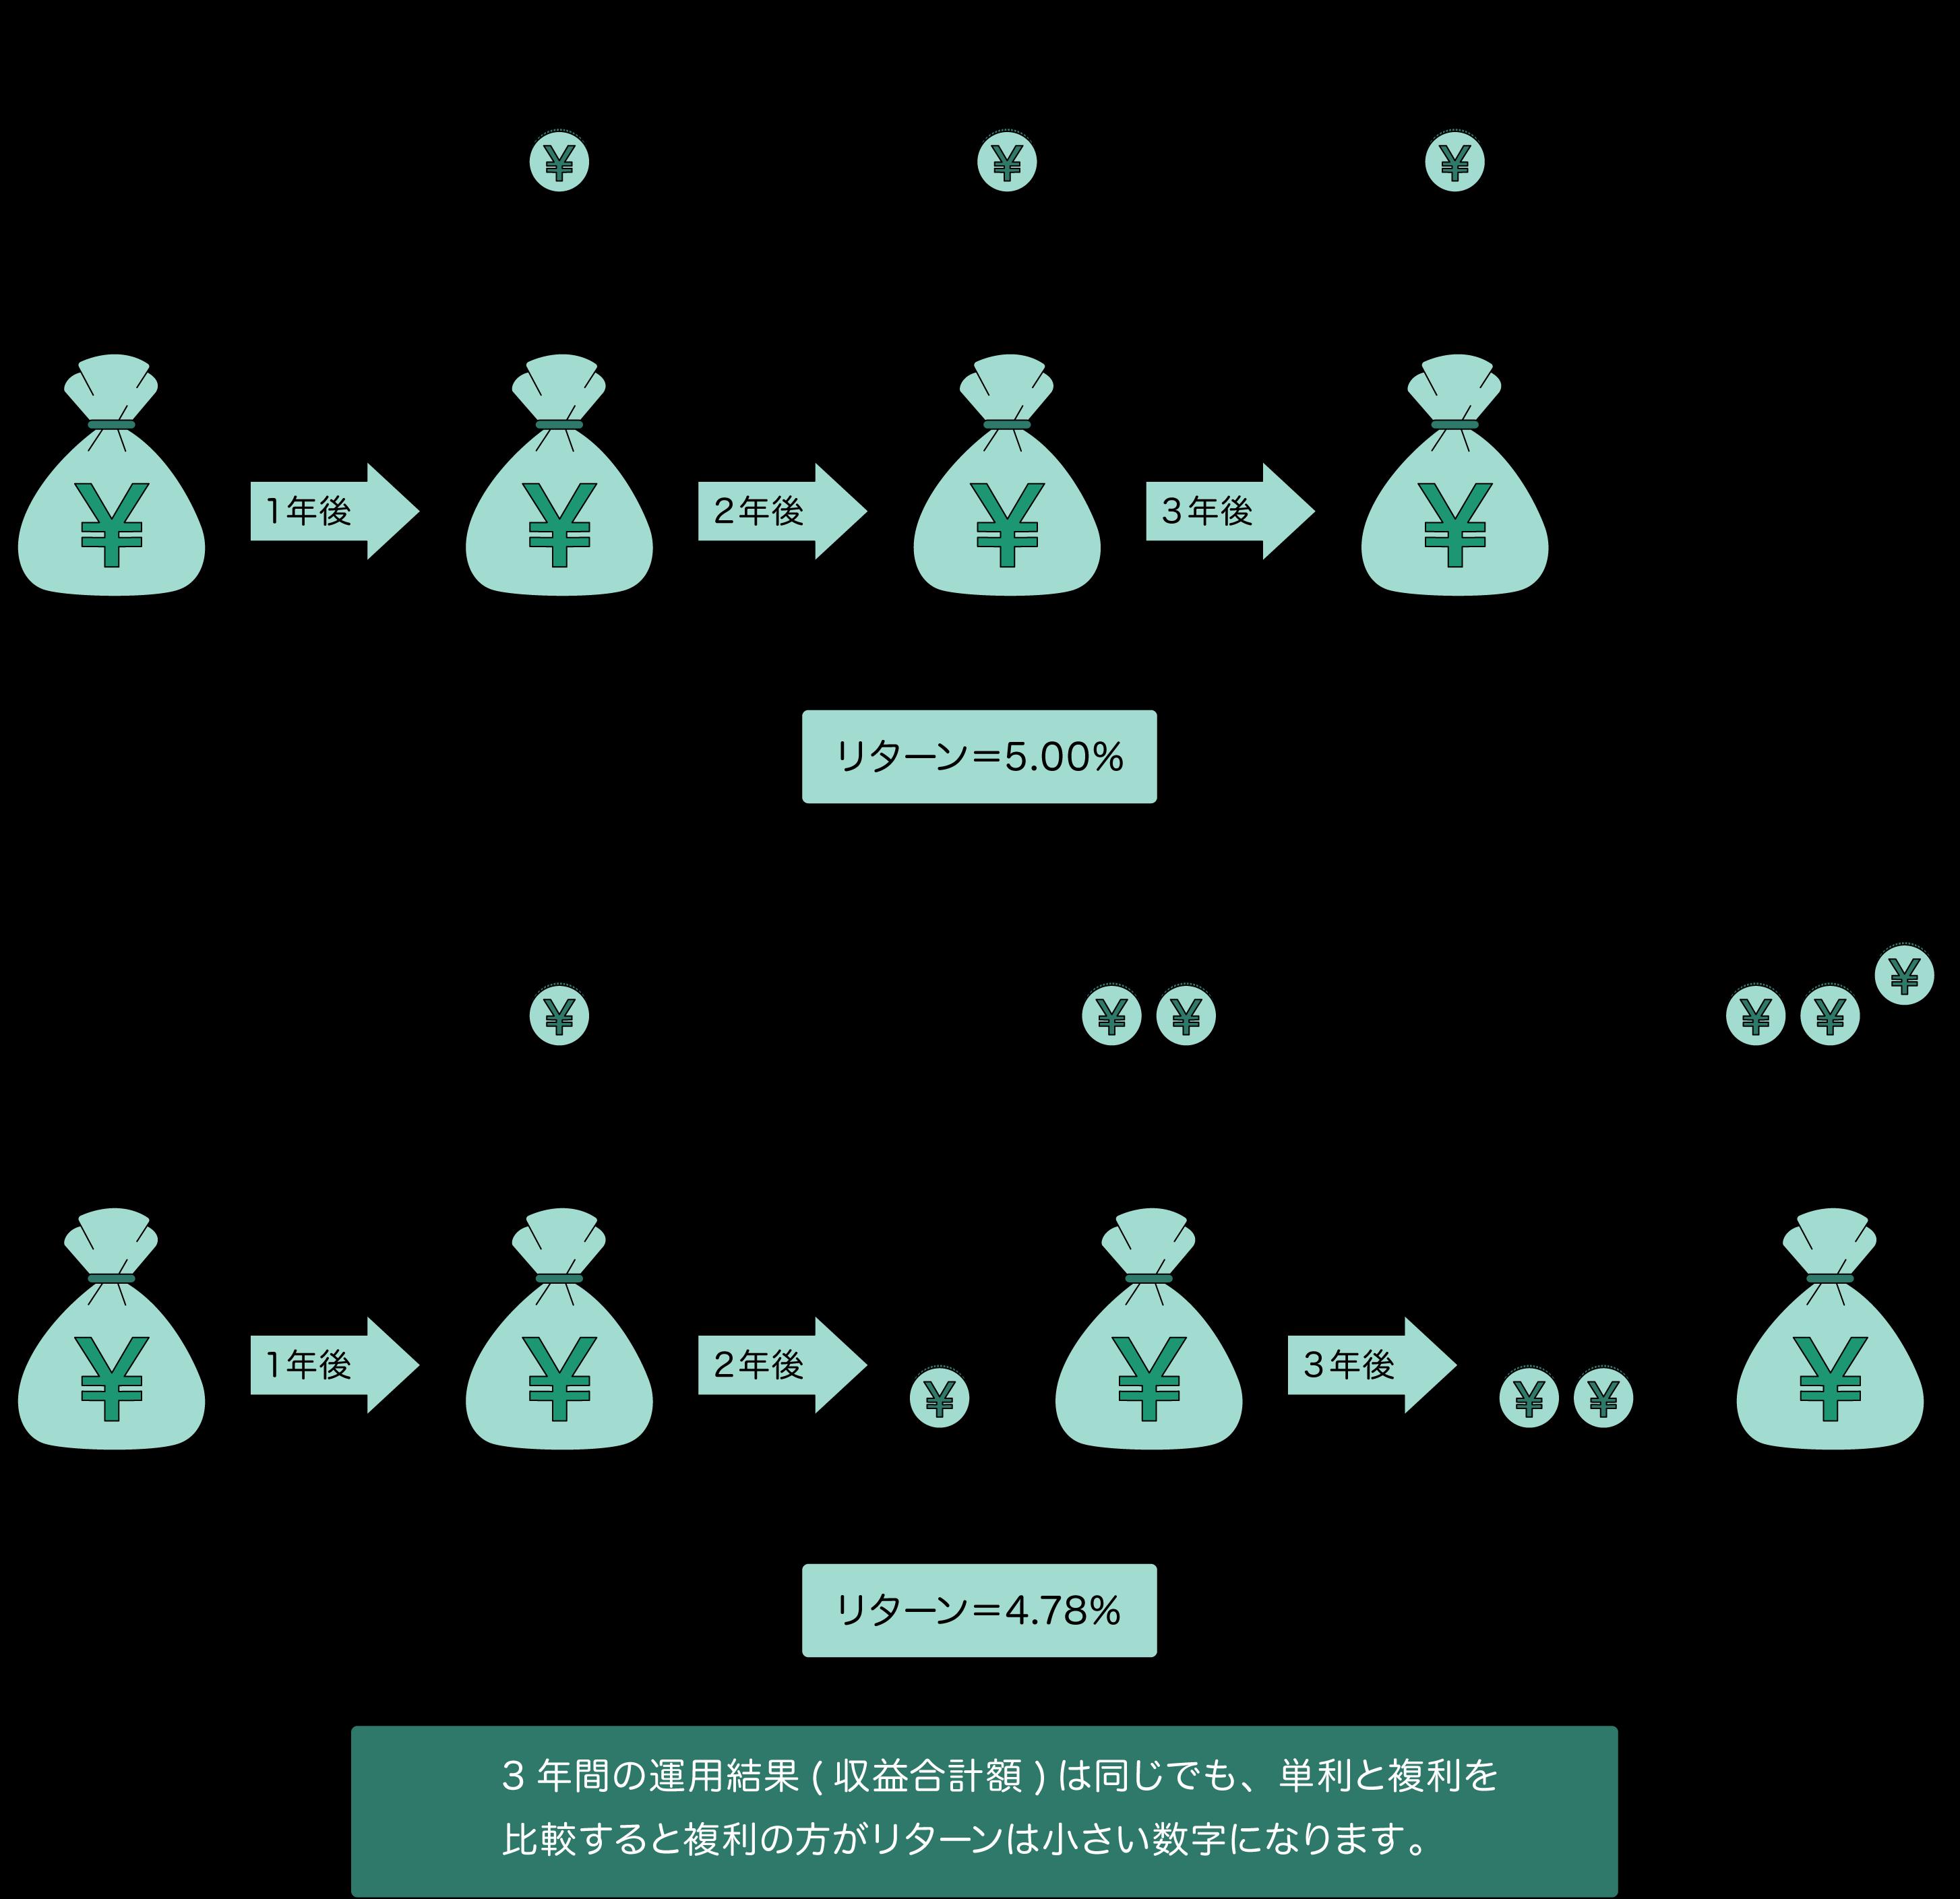 「単利」とは当初の投資元本に対して毎年一定額の収益を受け取るものとしてリターンを計算し、「複利」では受け取った収益を再び投資することにより得られるリターンを計算します。3年間の運用結果(収益合計額)は同じでも単利と複利を比較すると複利の方がリターンは小さい数字になります